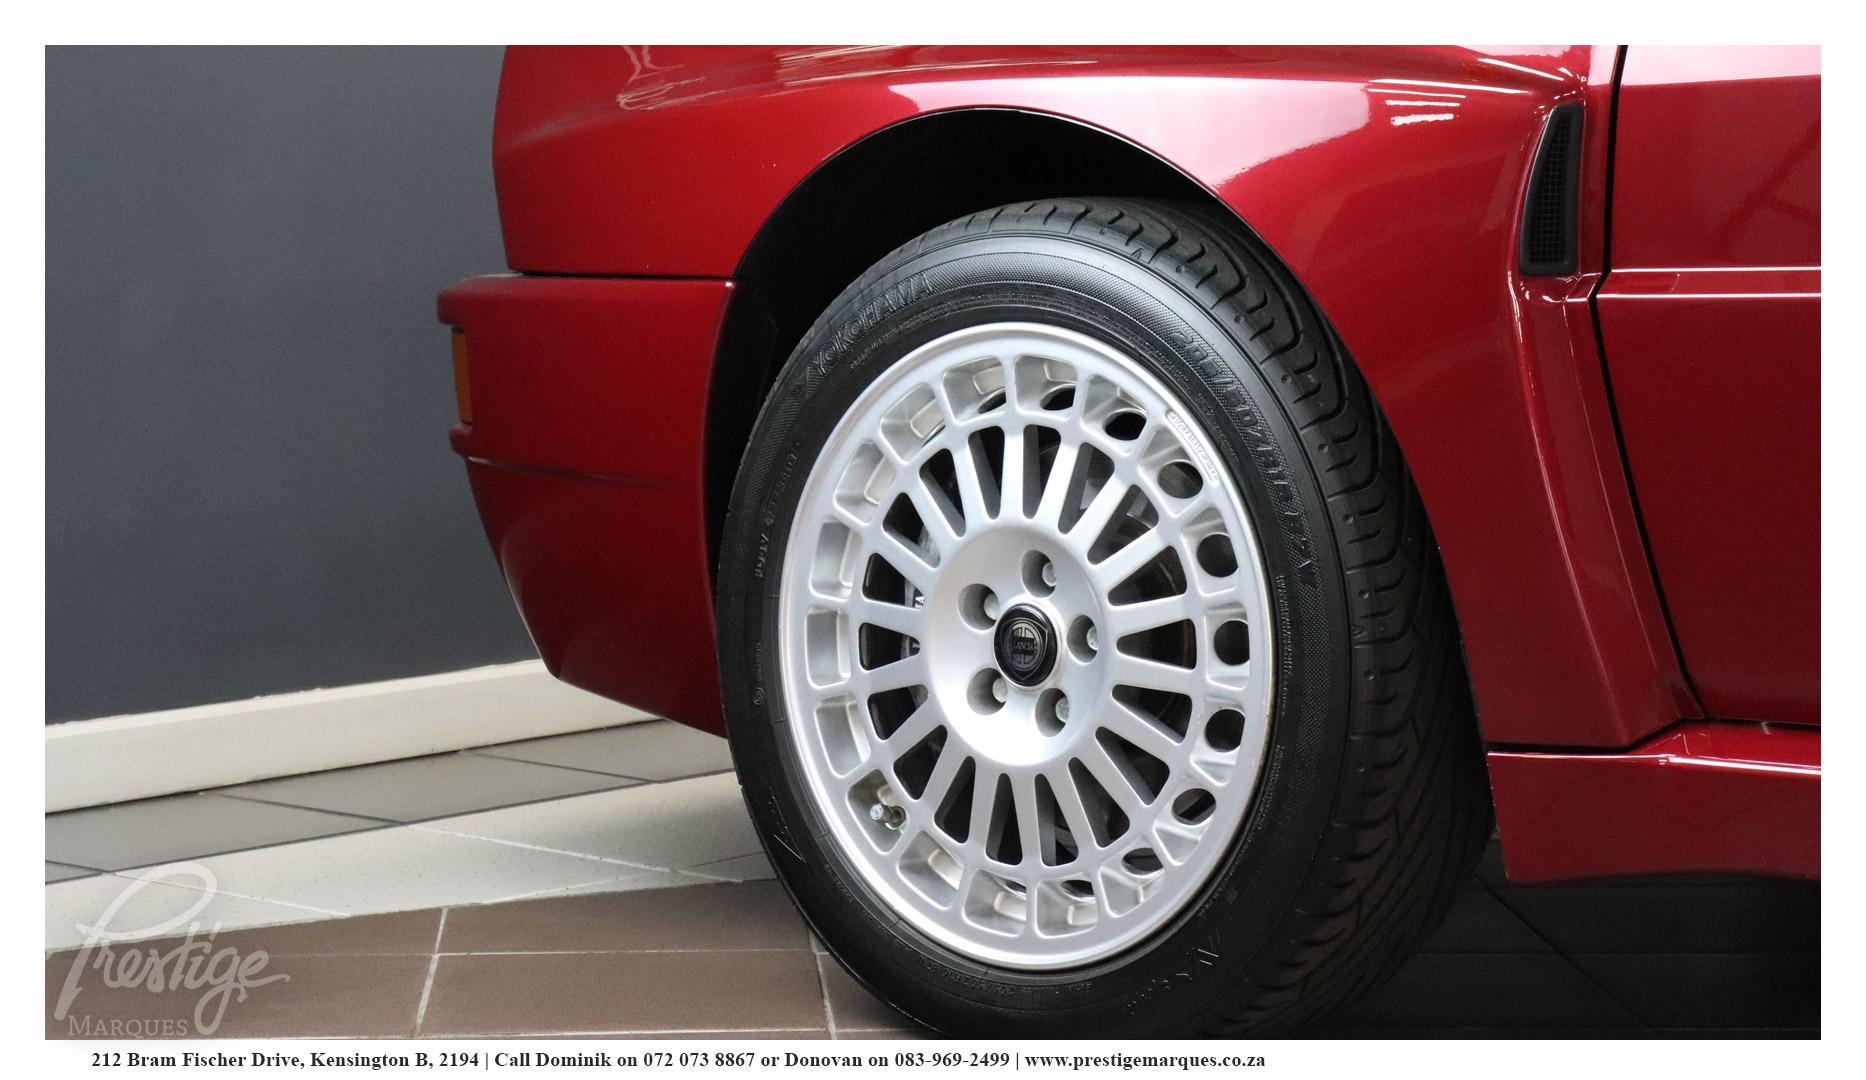 1995-Lancia-Delta-Integrale-Evo-2-Dealer-Collection-Prestige-Marques-Sandton-9